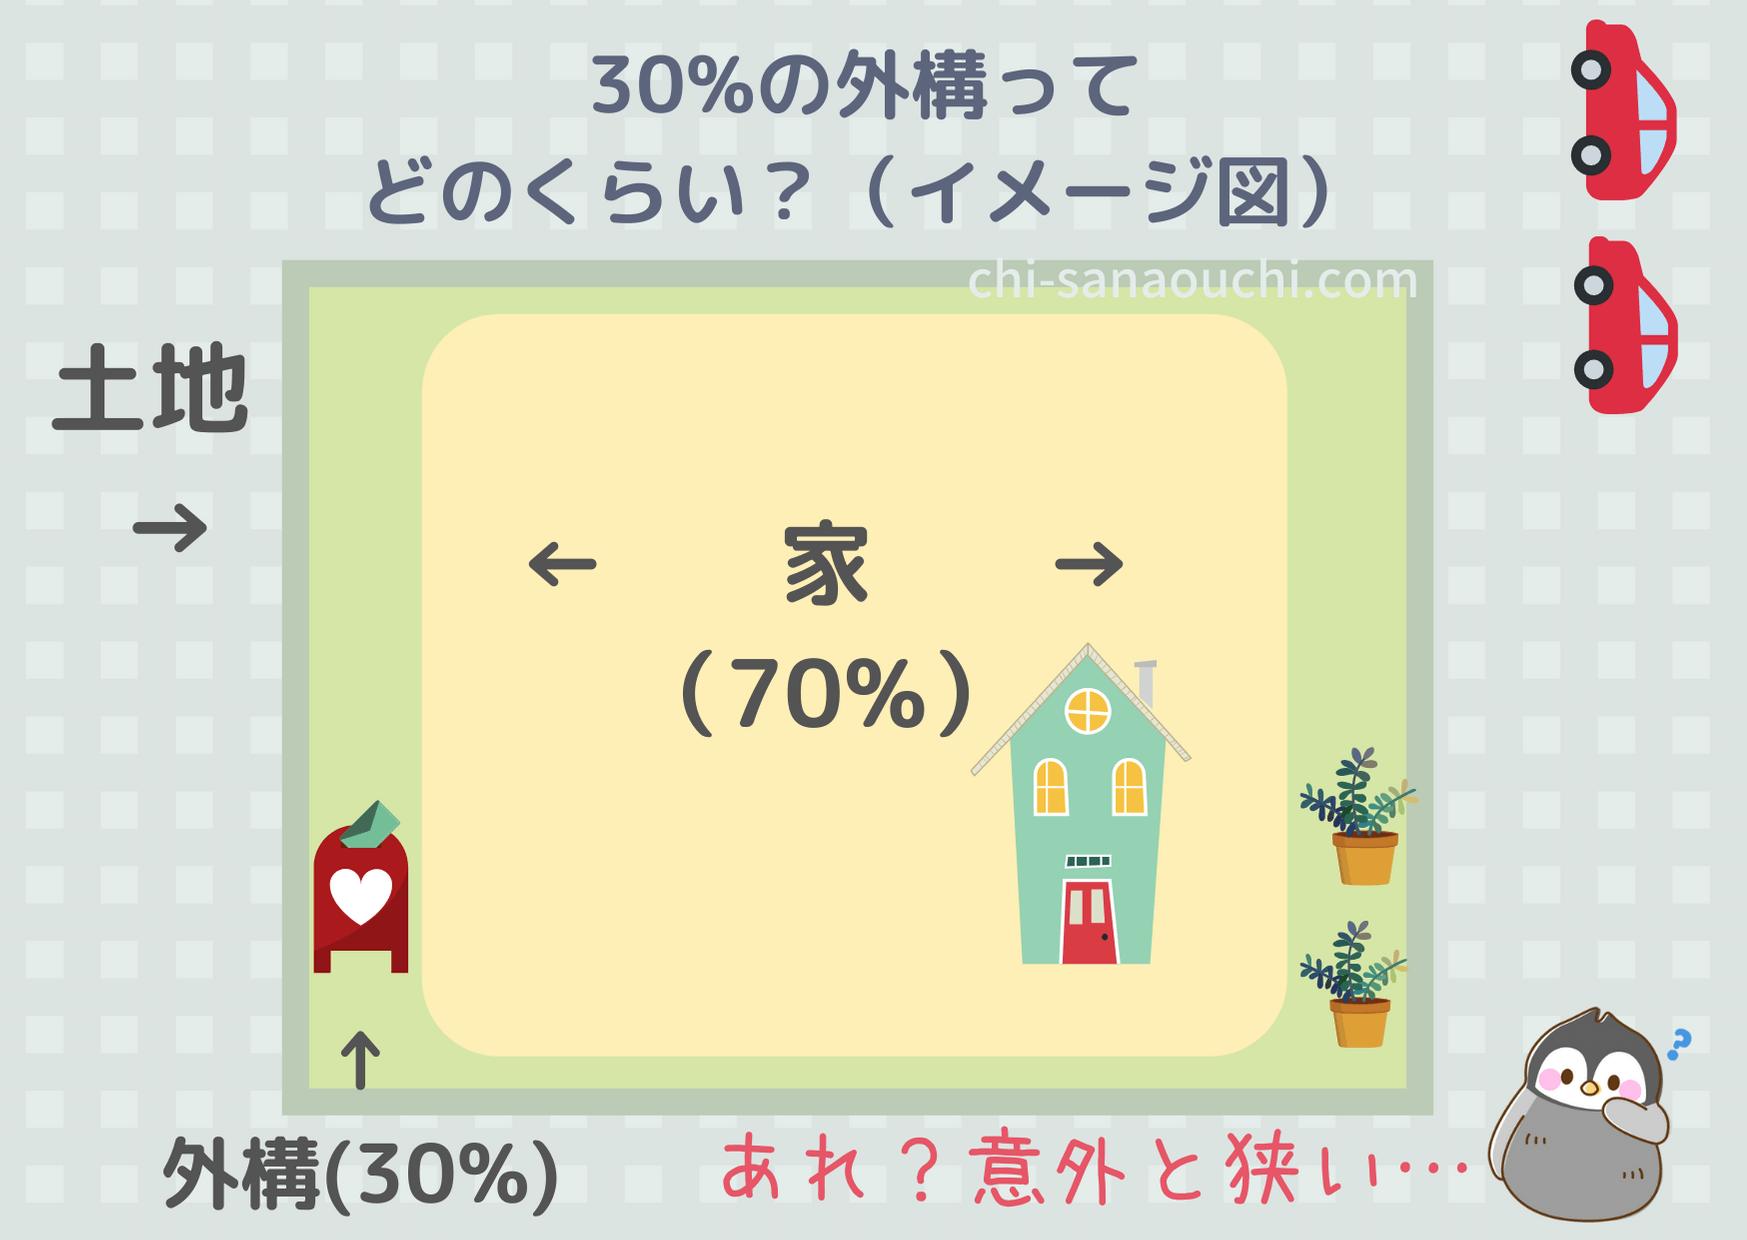 10坪の家の外構事情。建ぺい率70%建てると外構は小さい!